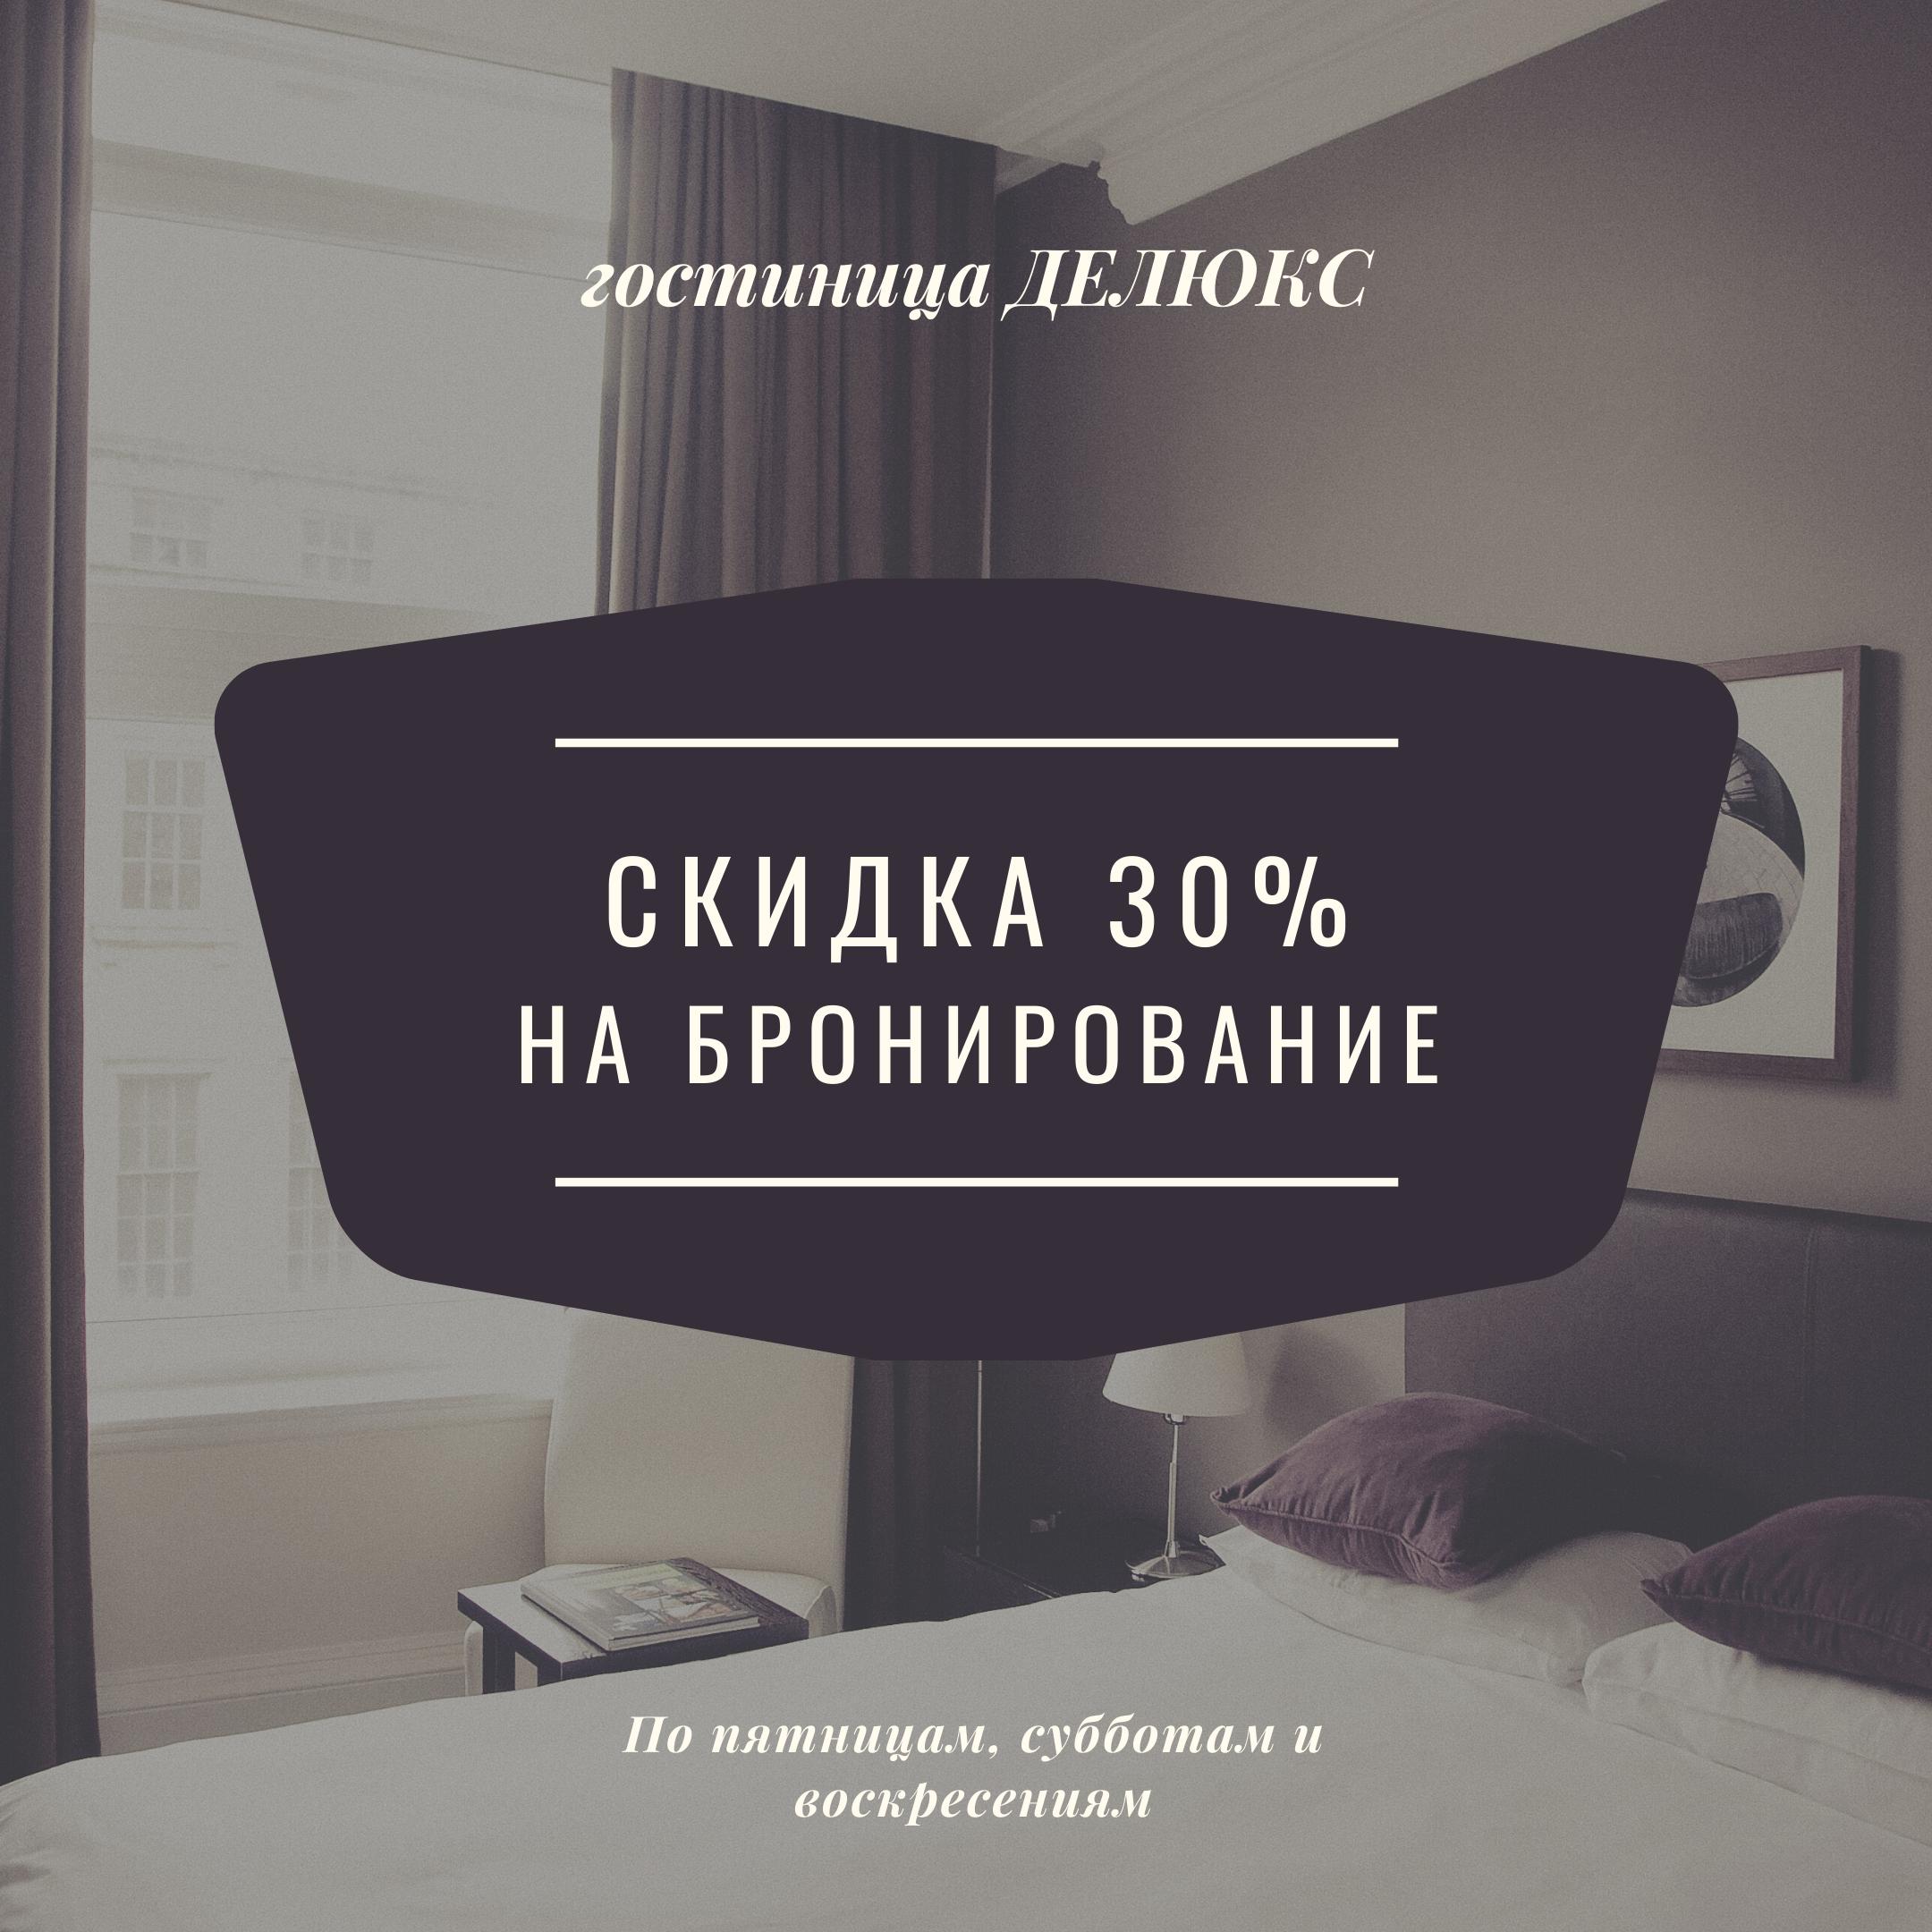 Скидка 30% на бронирование